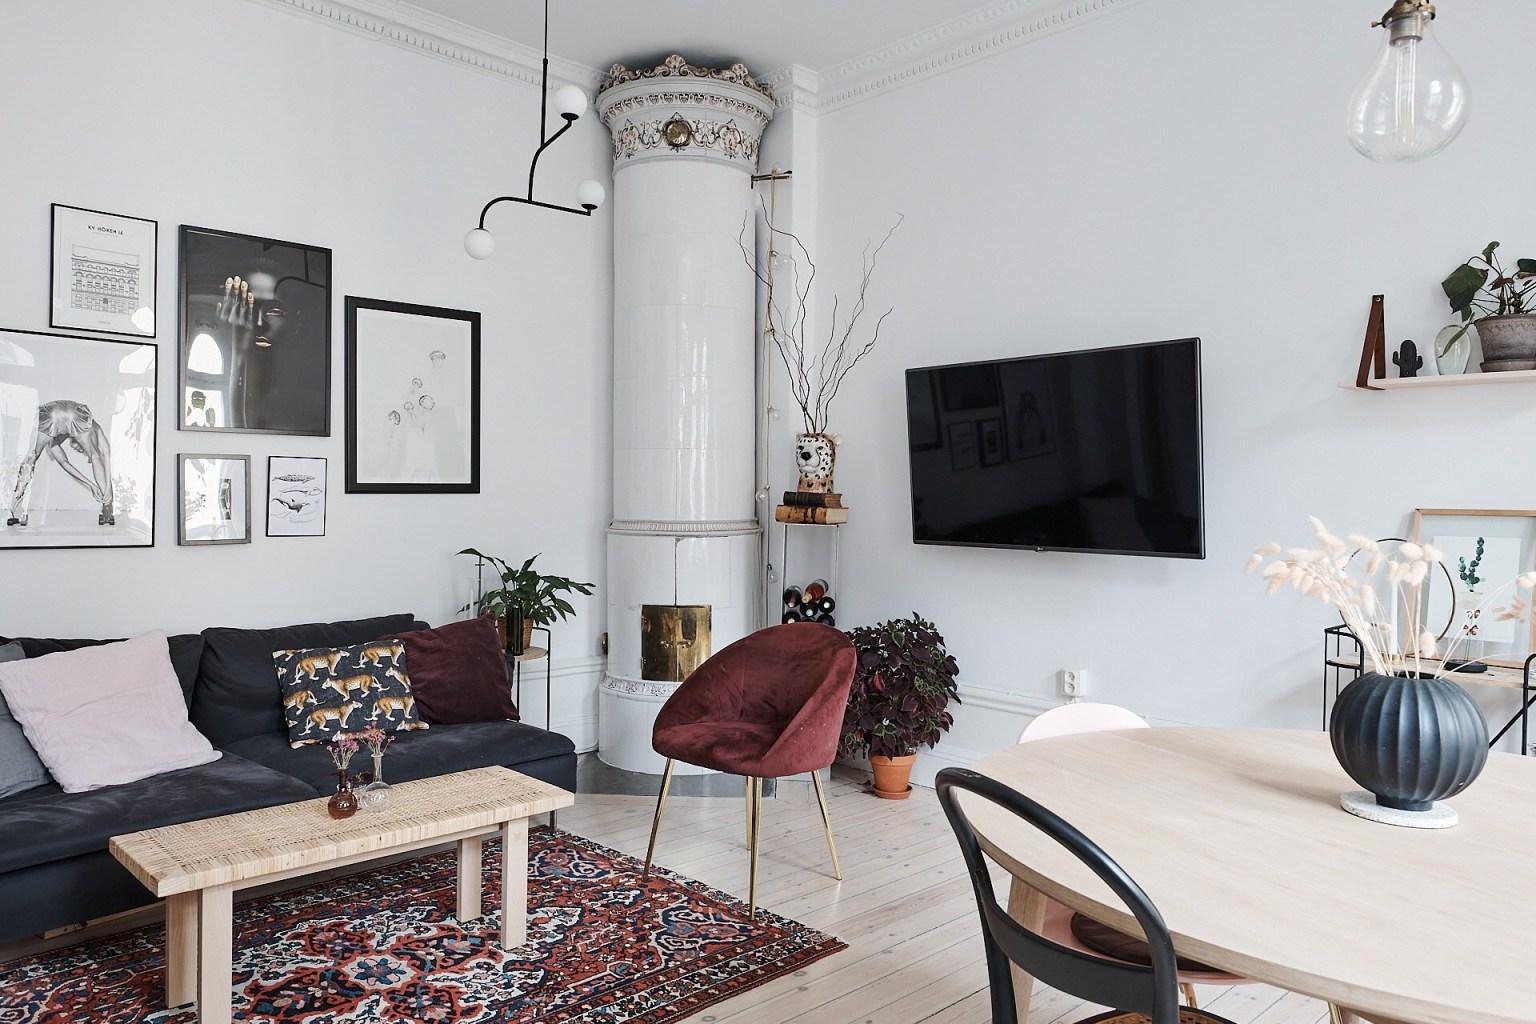 Căn hộ 58m² đẹp tinh tế nhờ phối màu tinh tế theo phong cách Scandinavian - Ảnh 1.